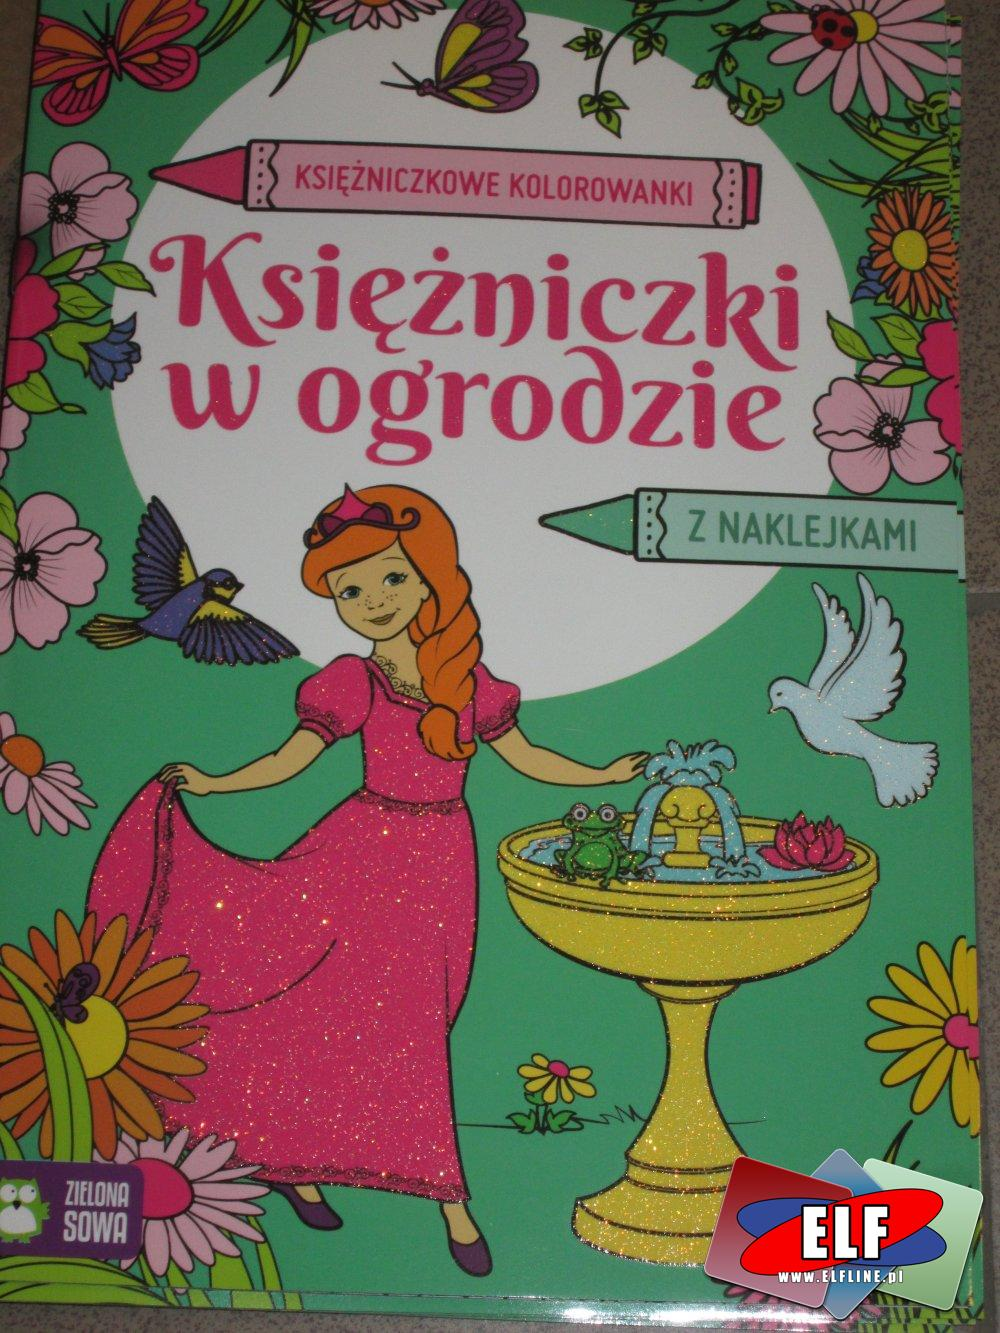 Księżniczkowe Kolorowanki, kolorowanki z naklejkami różne, i inne, kolorowanka